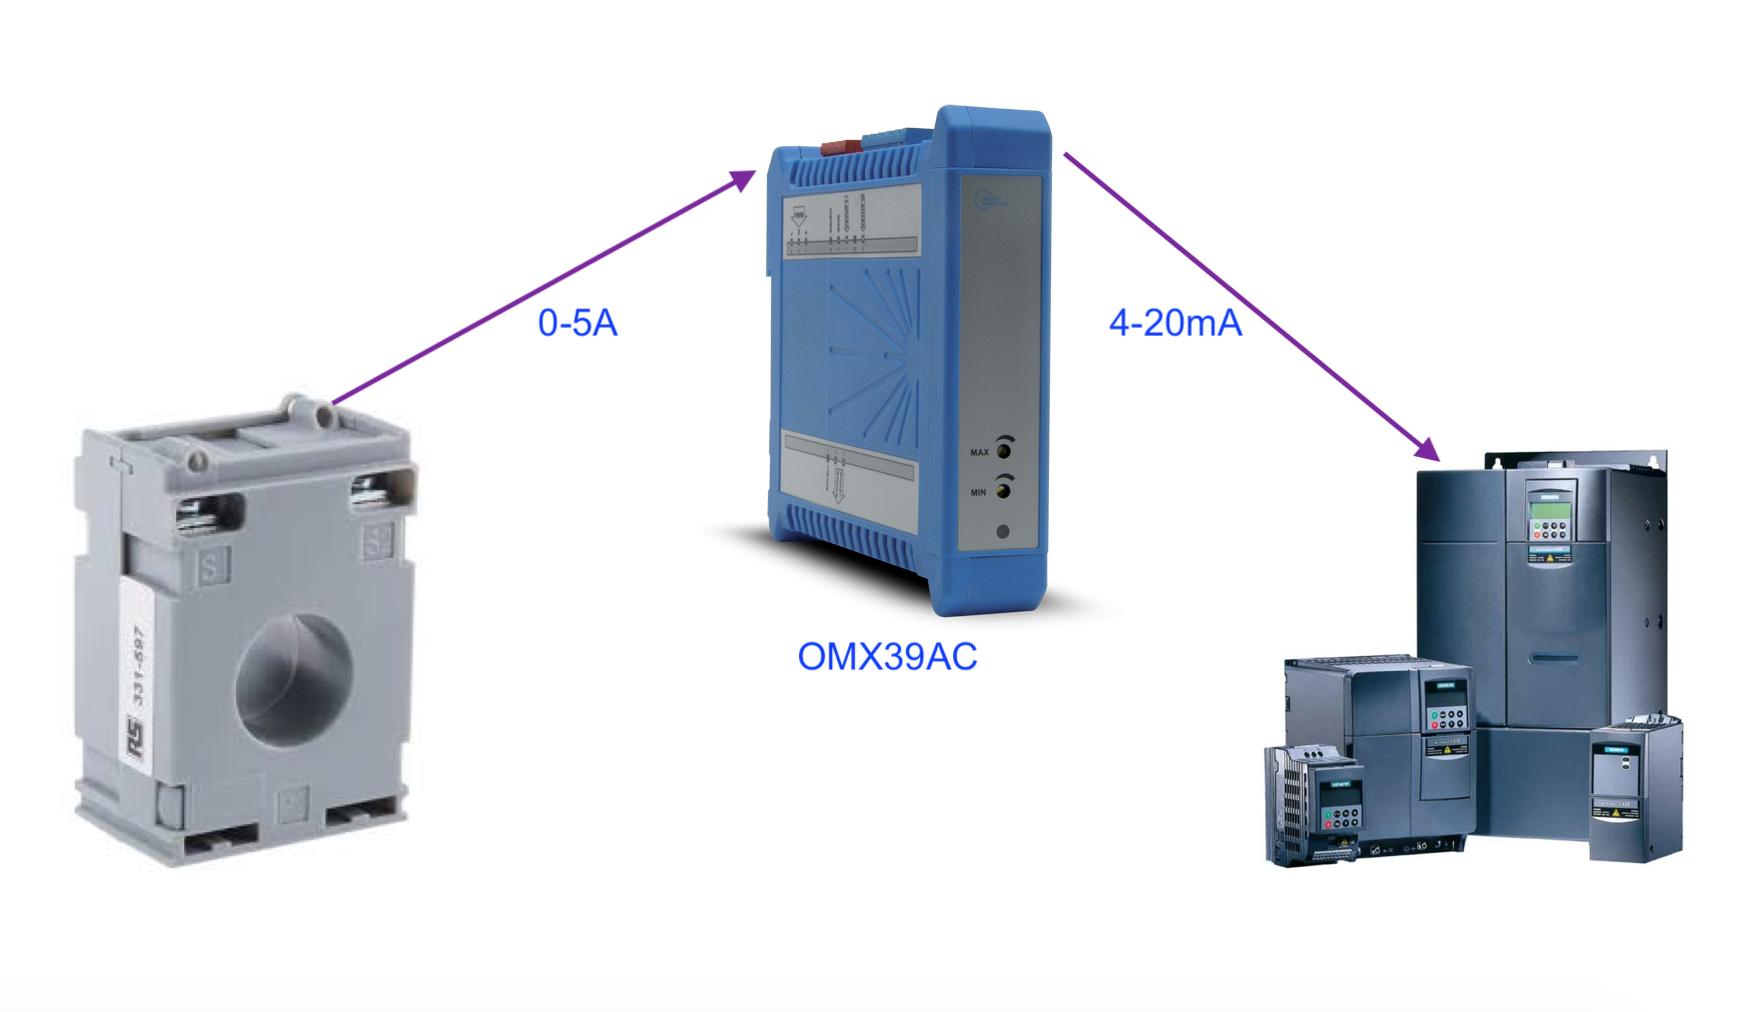 Ứng dụng chuyển dòng 0-5A sang dòng 4-20mA